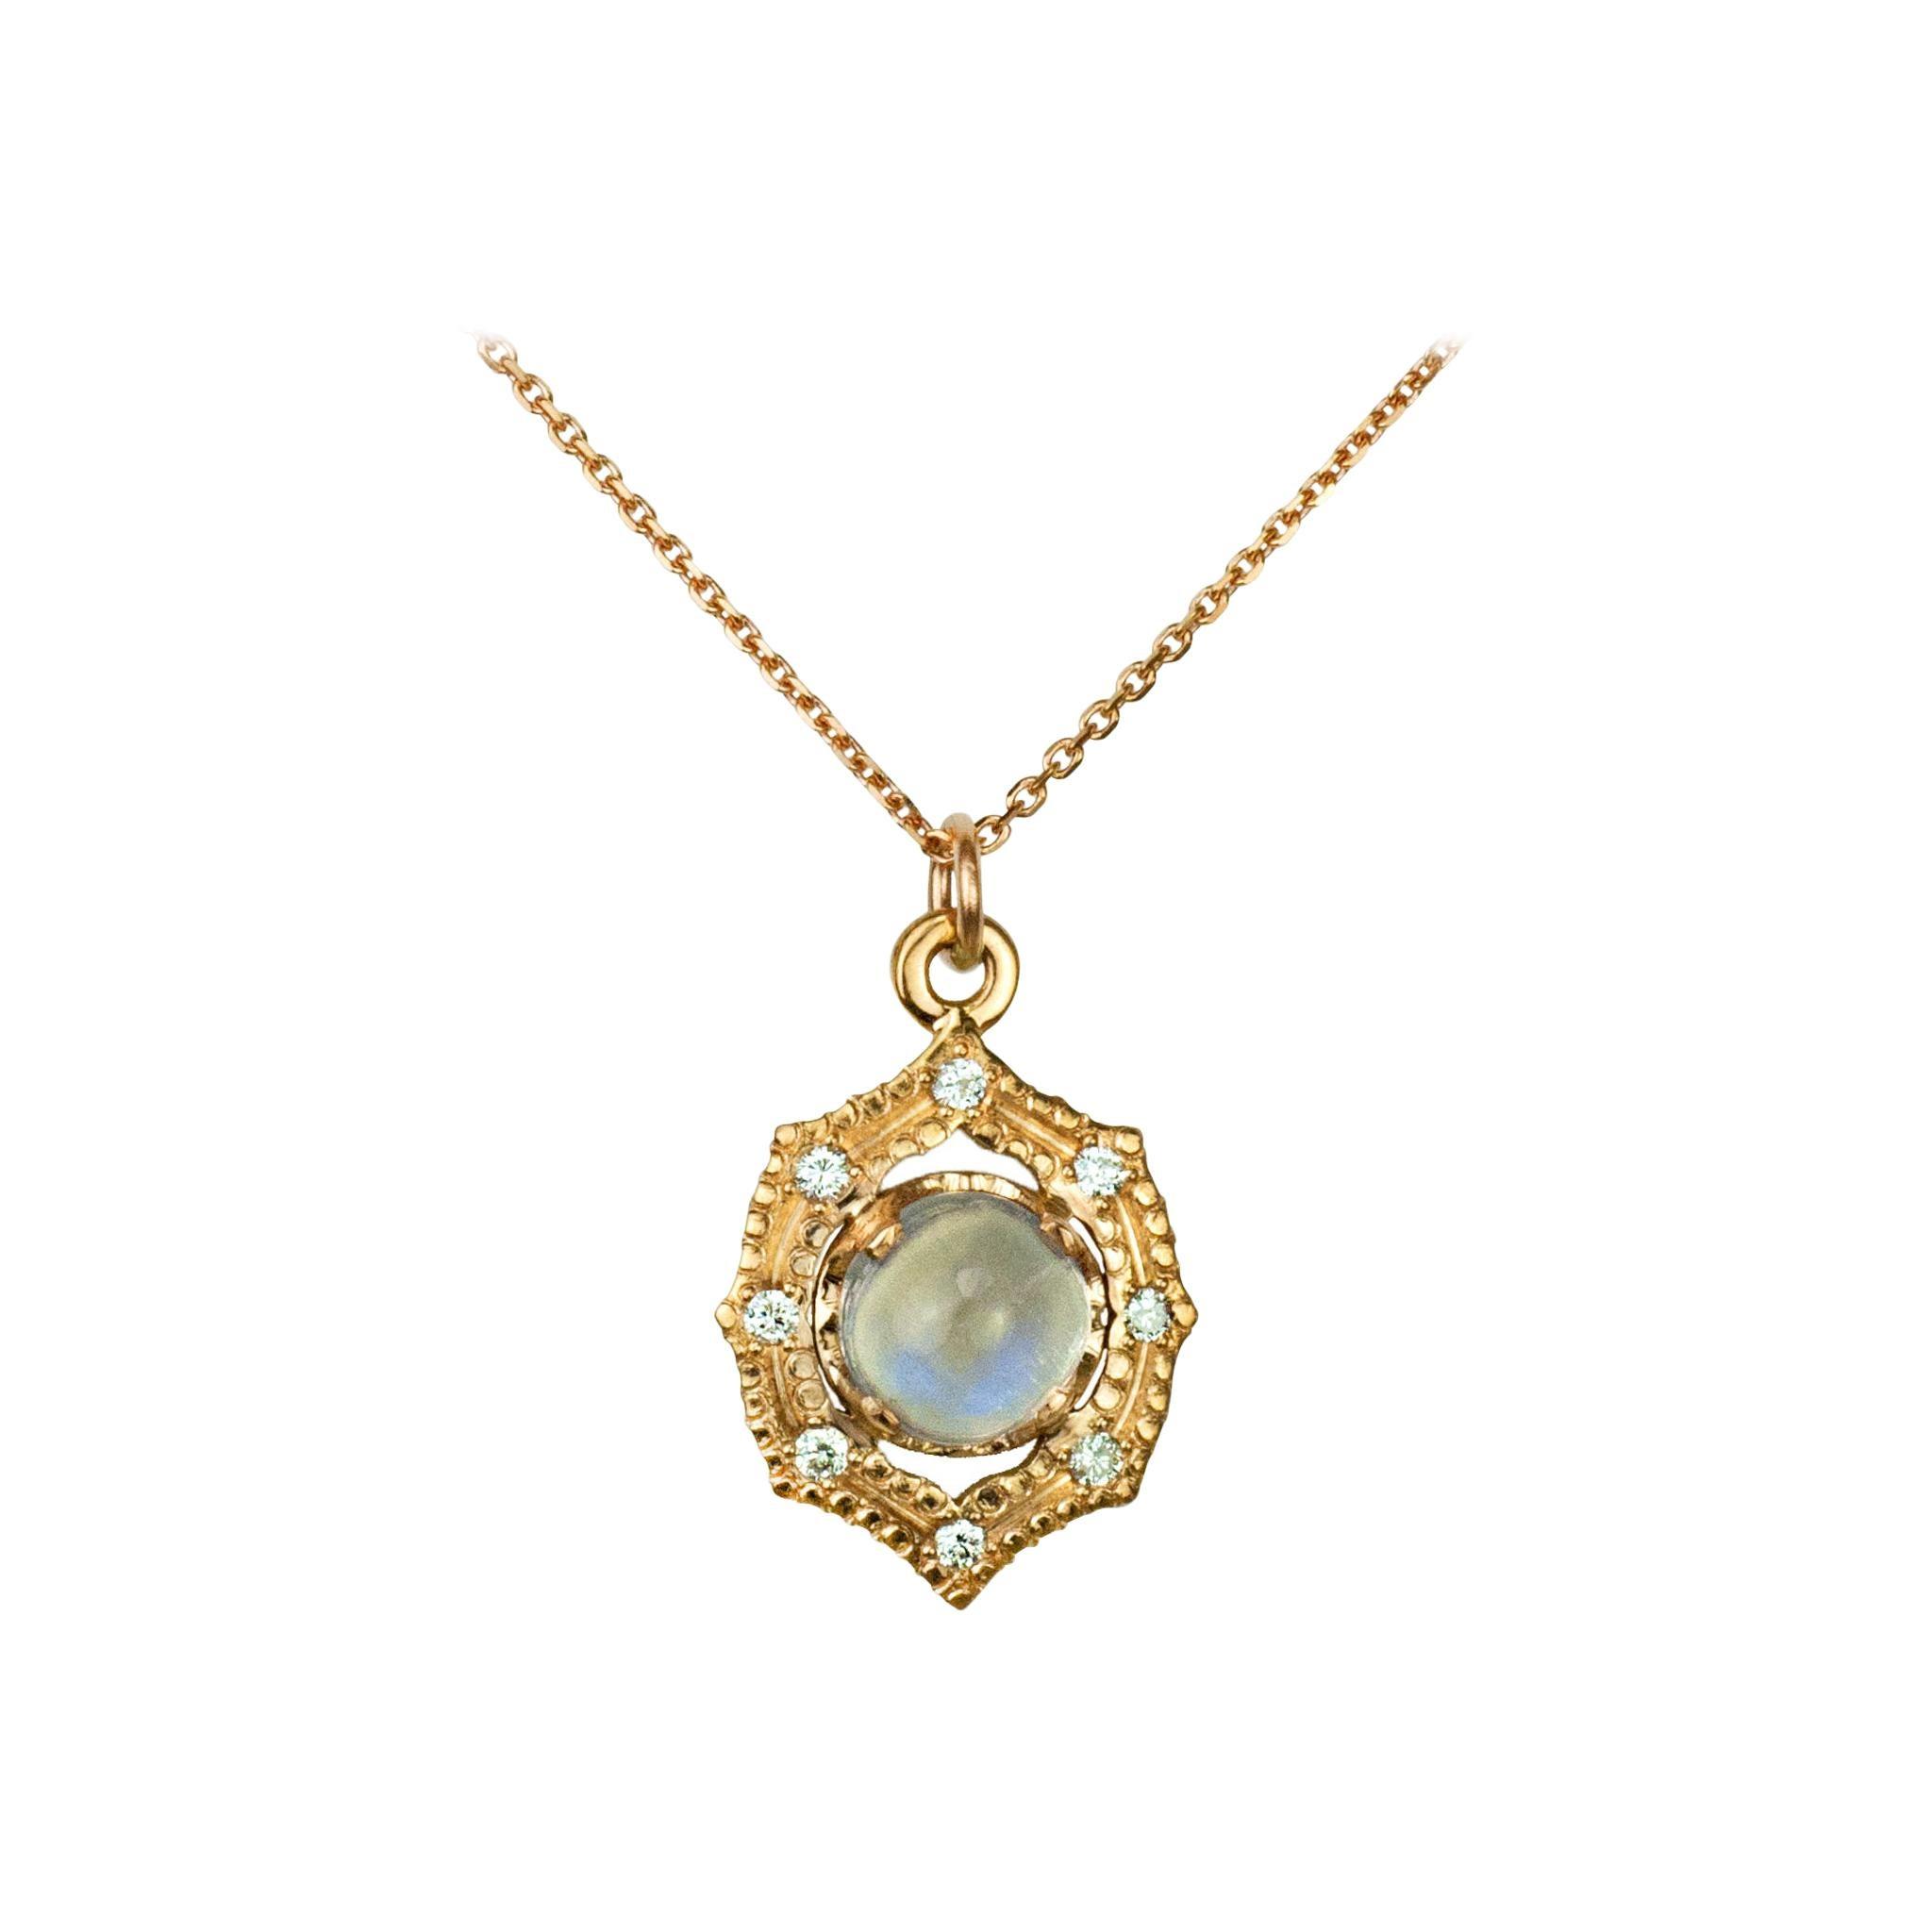 Suneera Moonstone & Diamond 18 Karat Yellow Gold Pendant Necklace